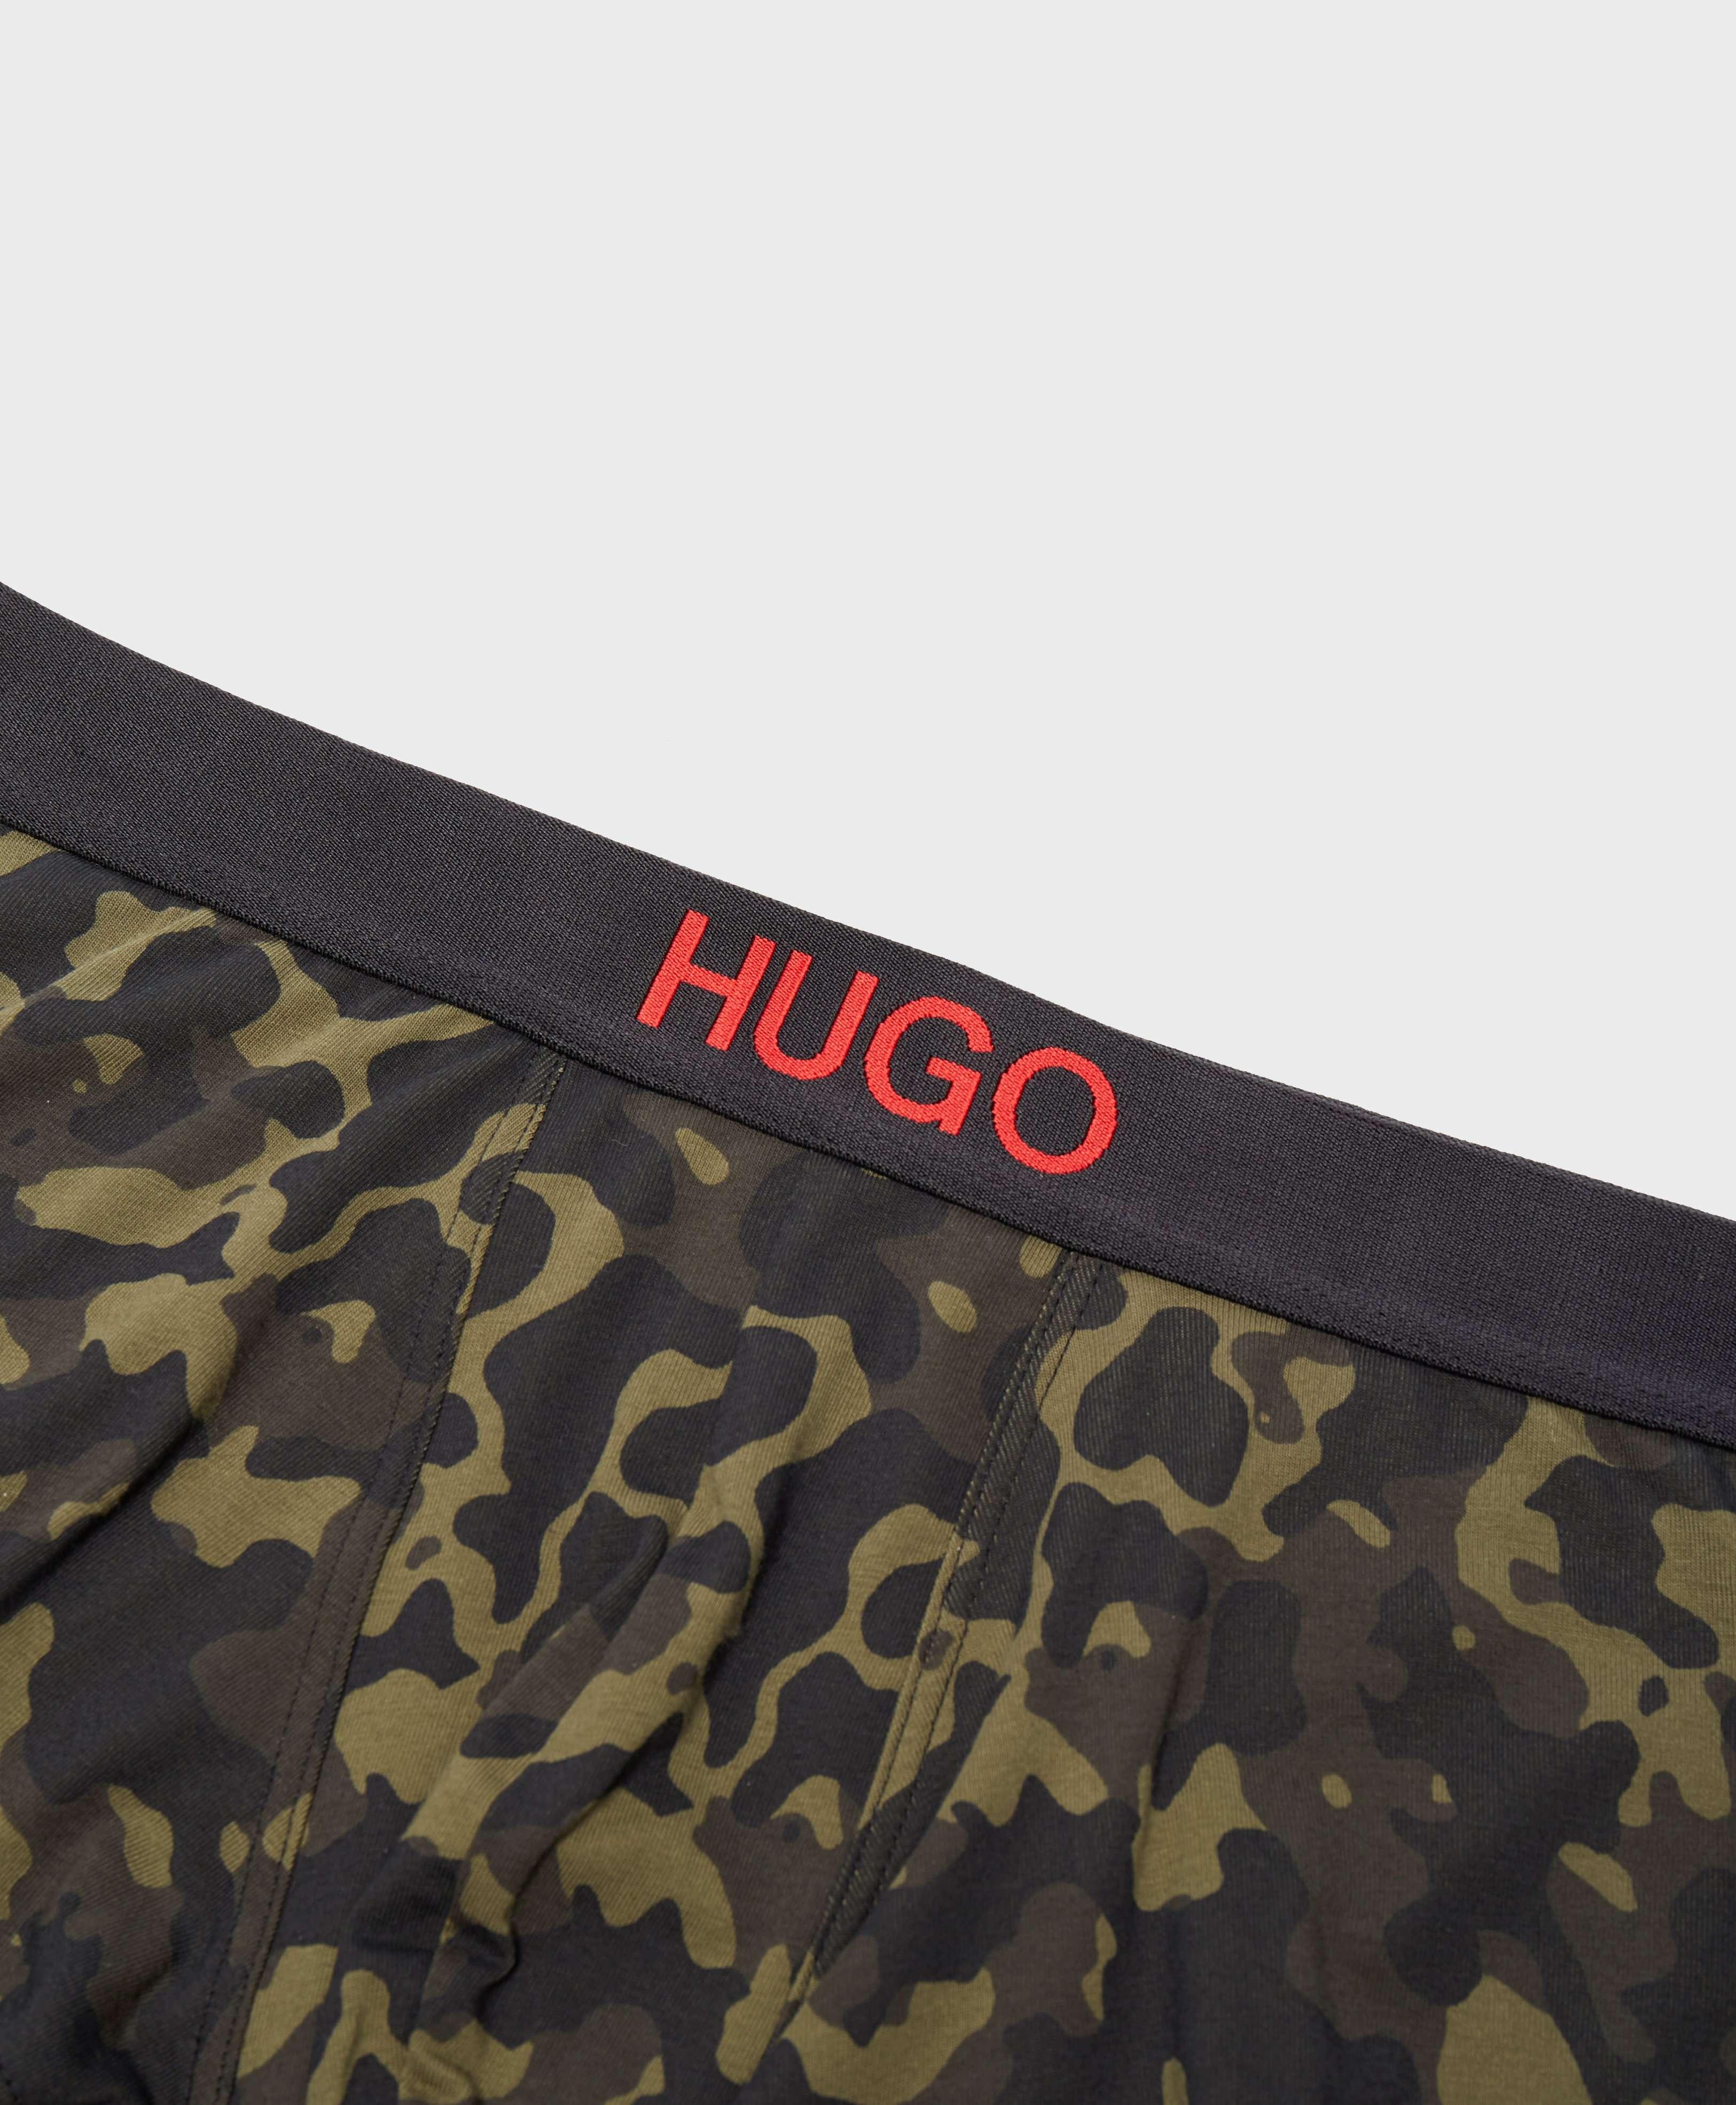 HUGO Camo Boxer Shorts